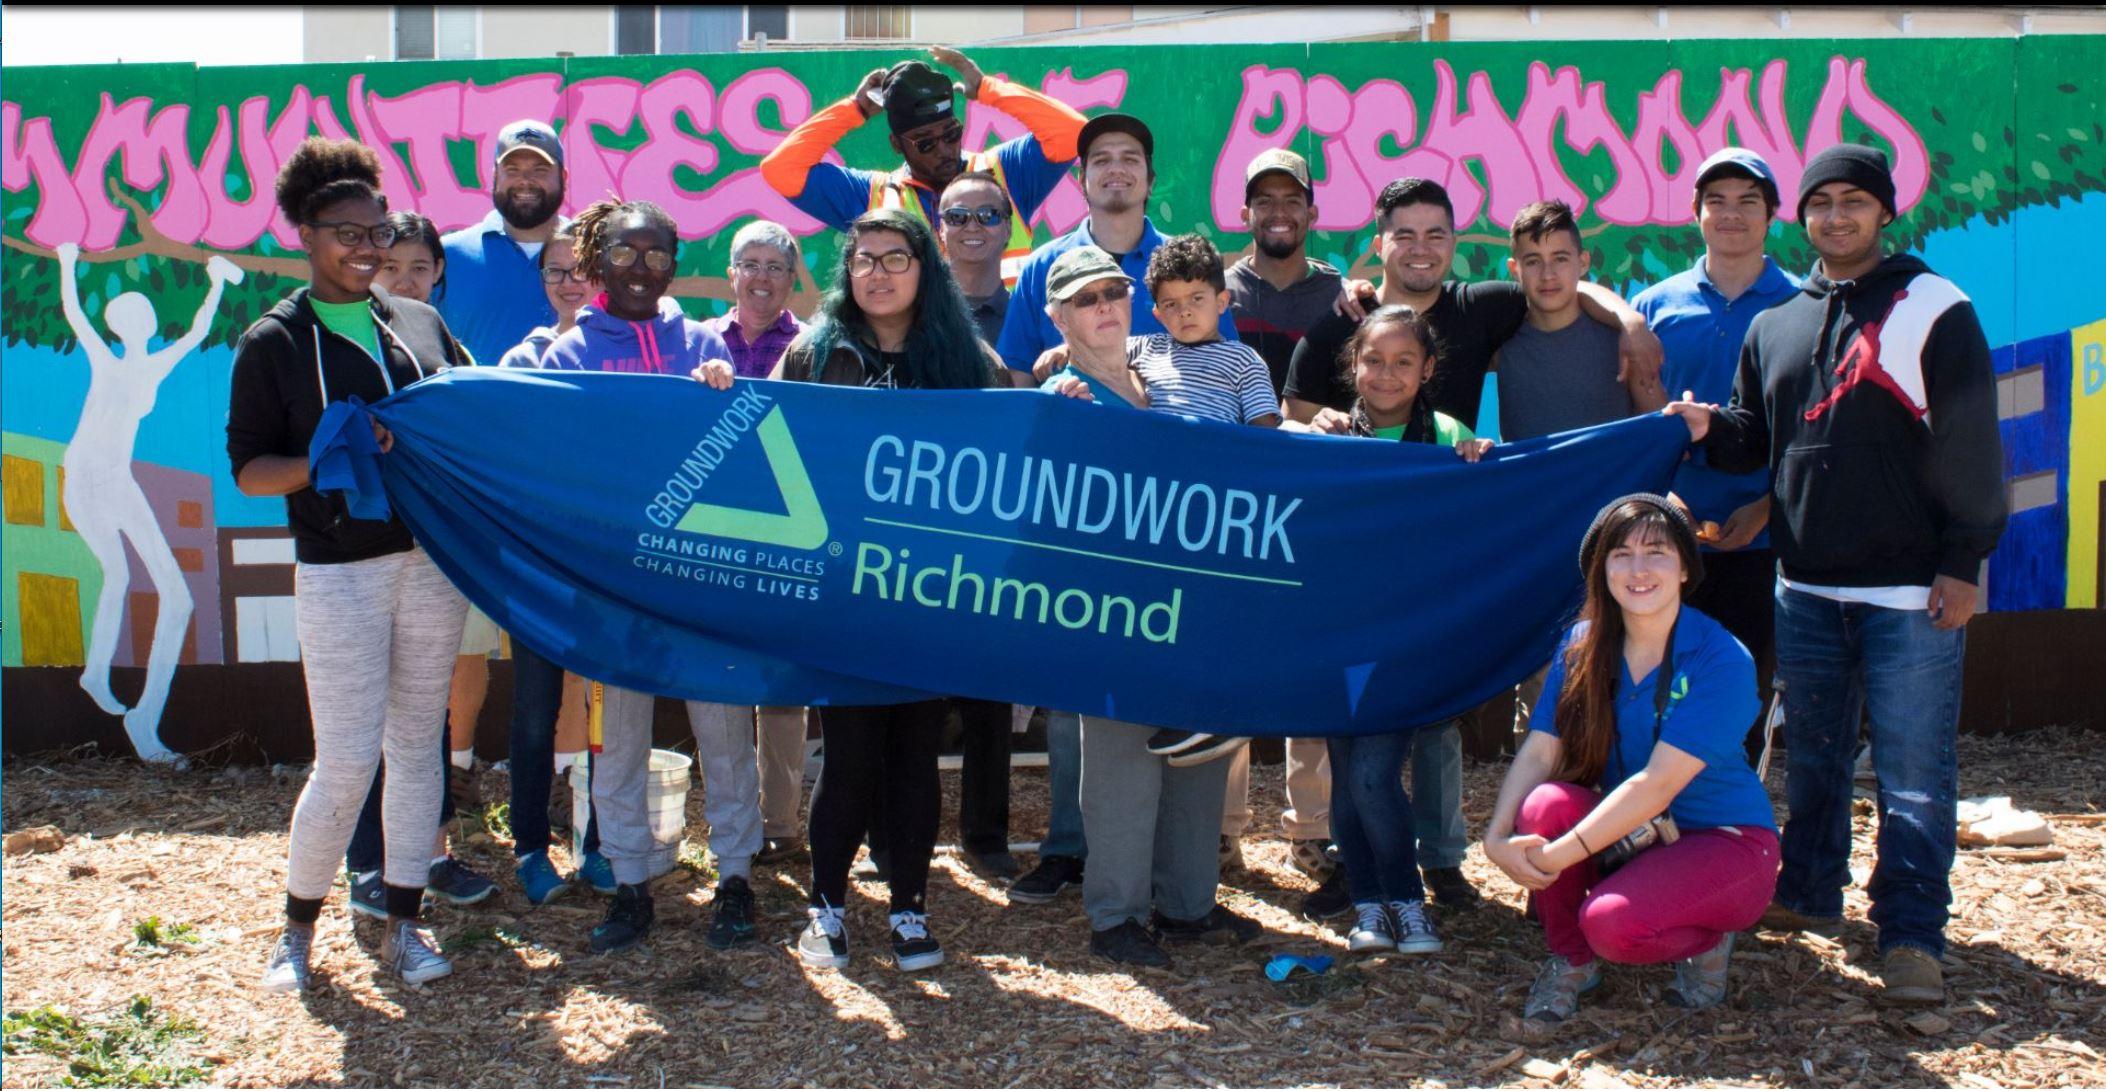 groundwork_richmond.jpg